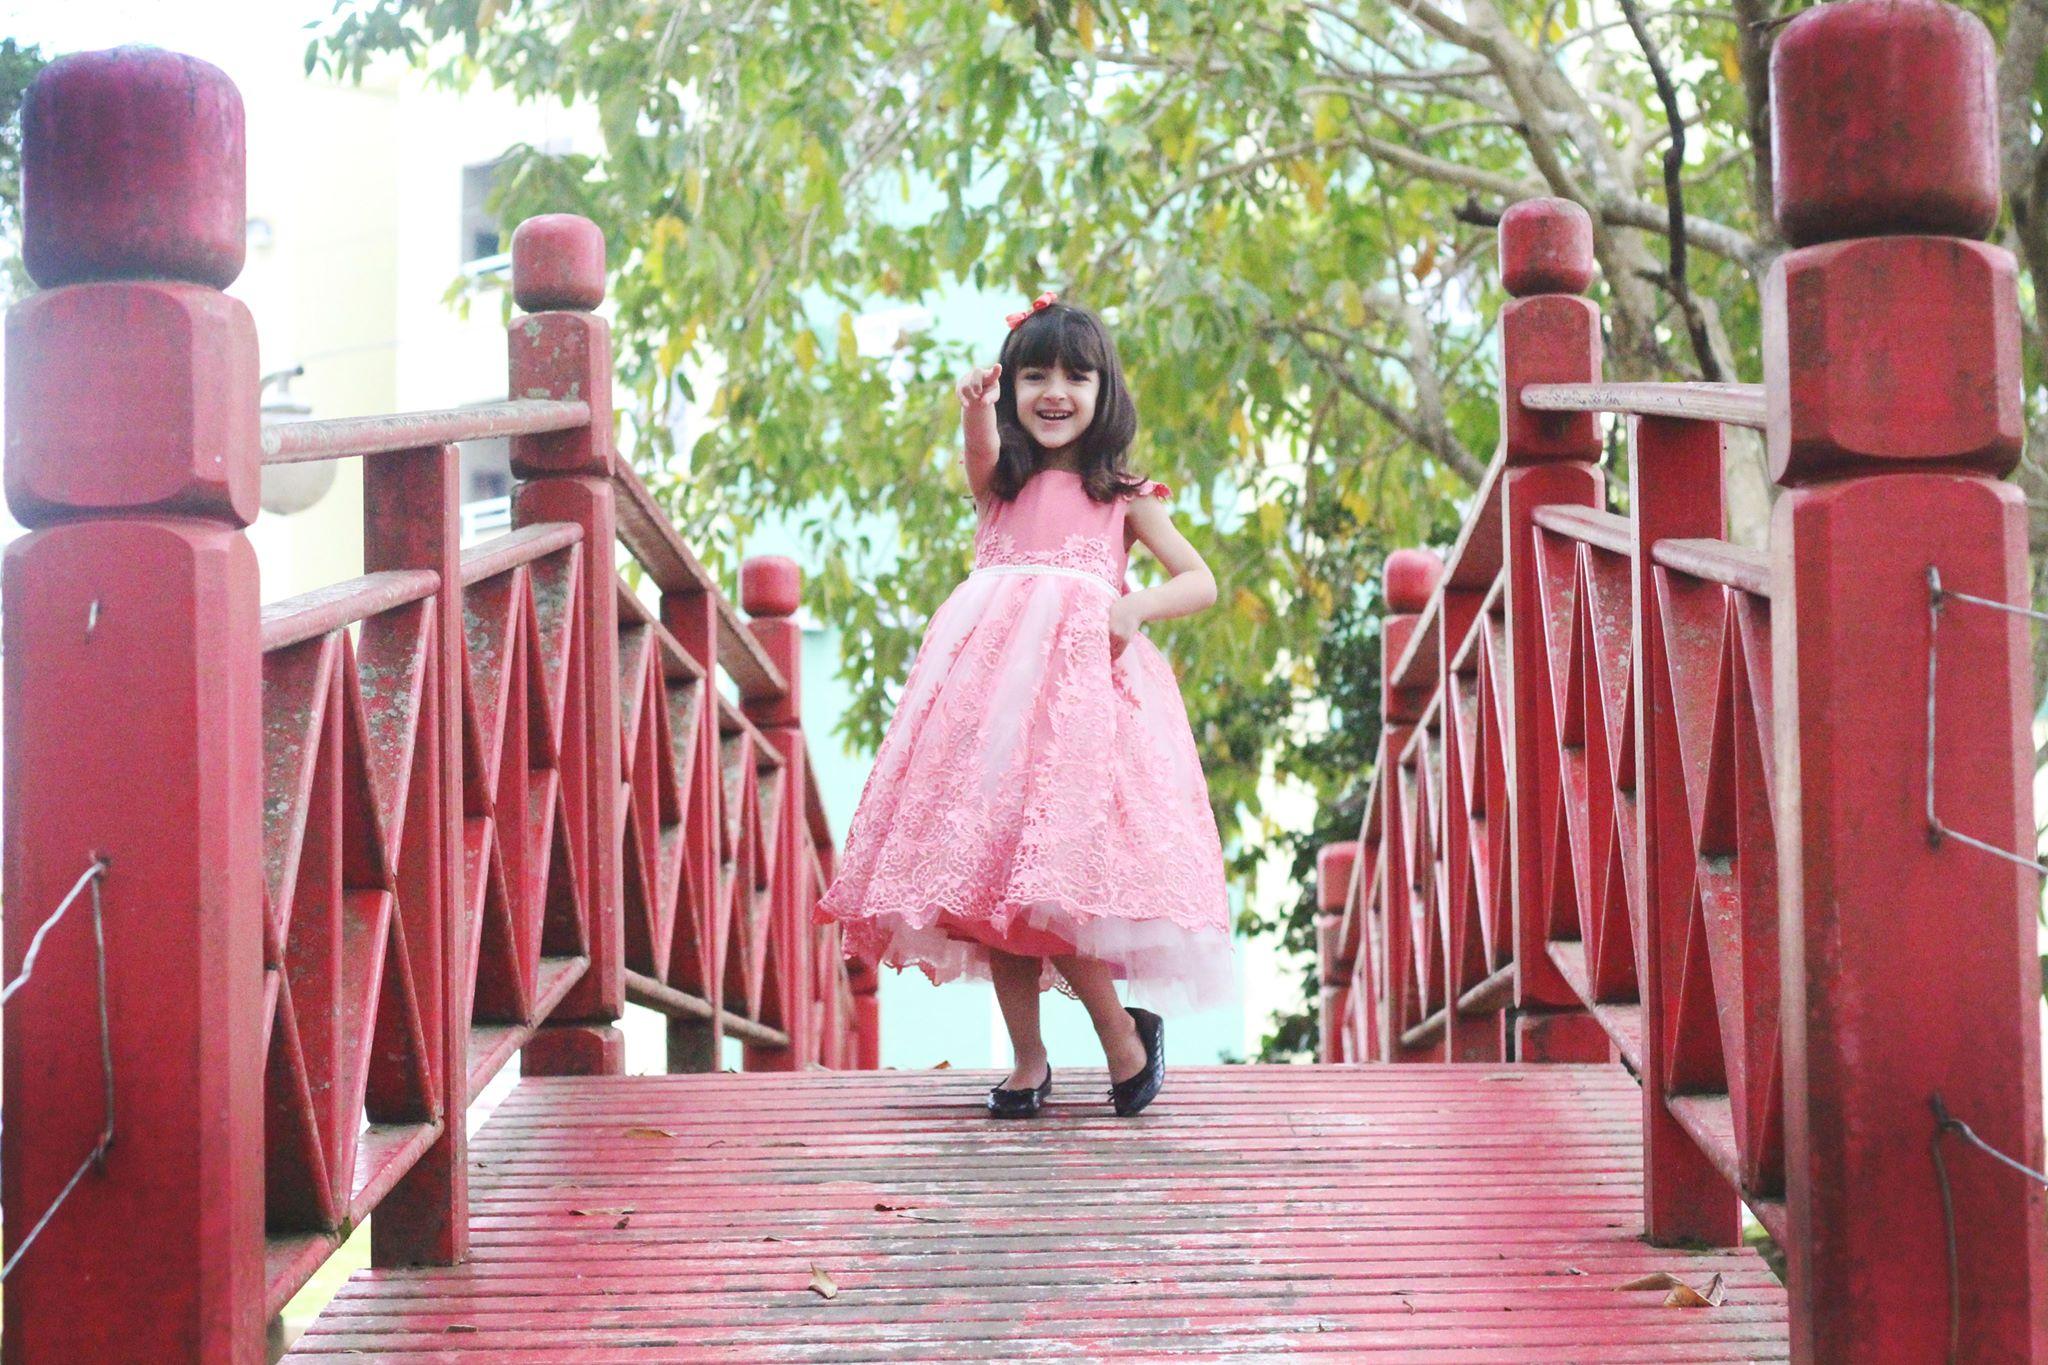 Curso de costura de vestido de festa infantil – Turma nº 01